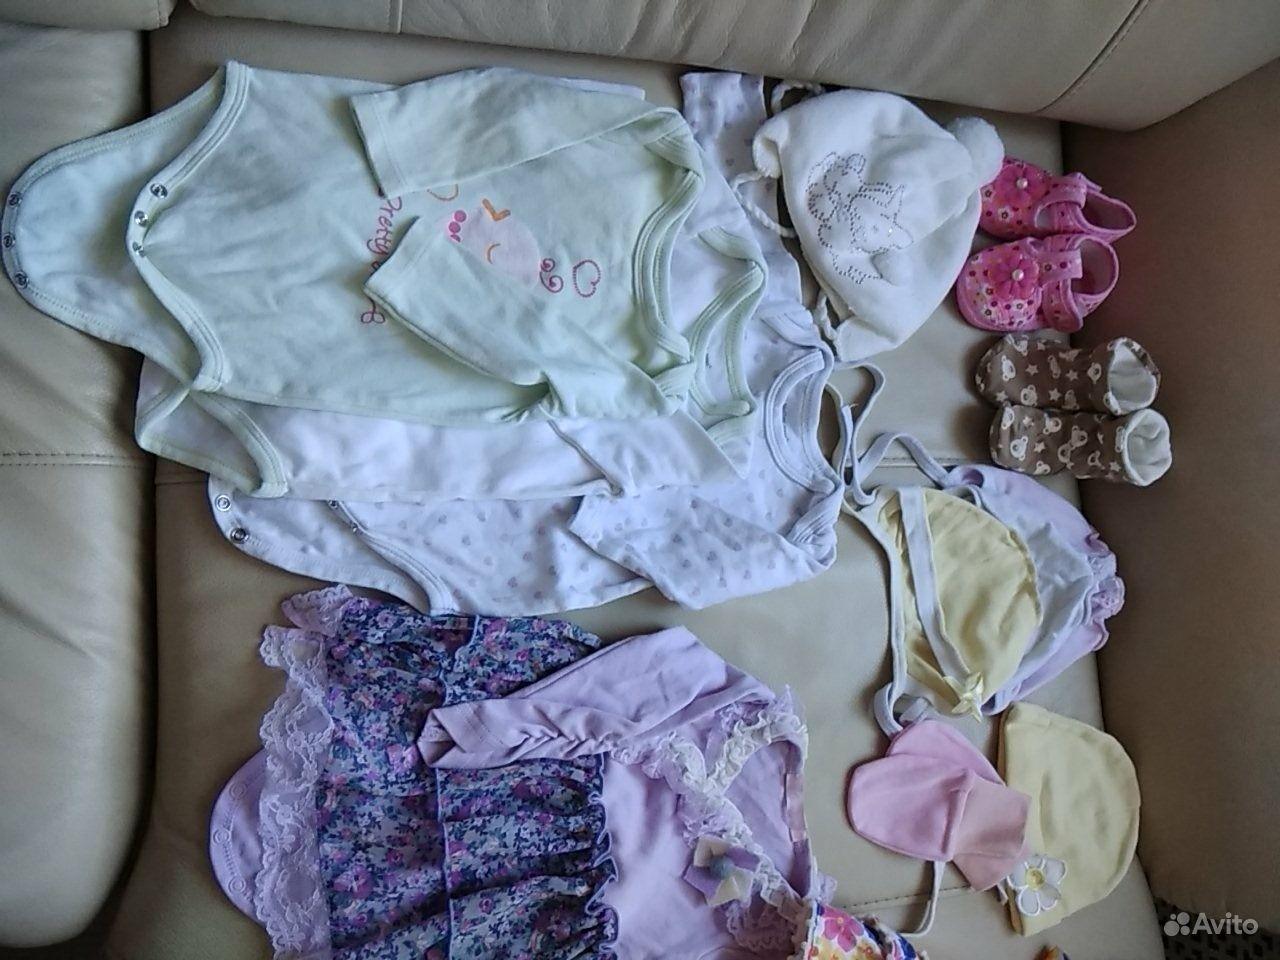 6c9c6de401ef Детские вещи пакетом   Festima.Ru - Мониторинг объявлений